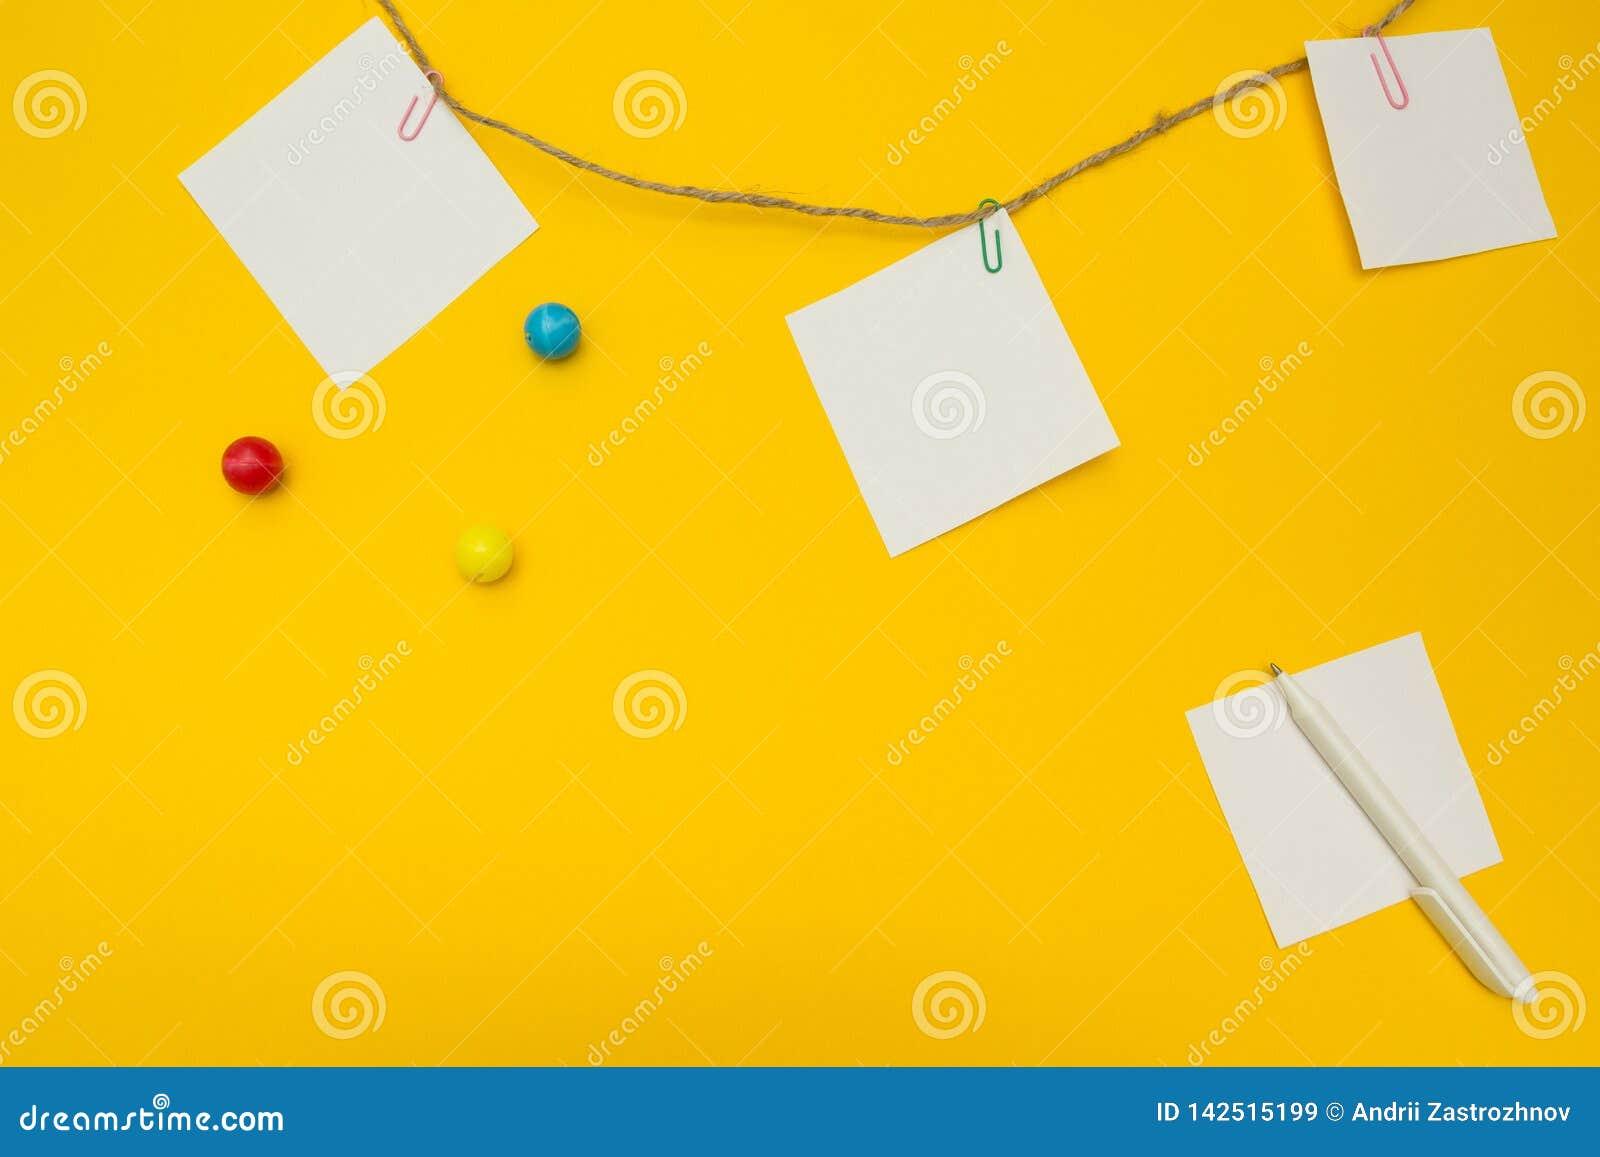 Τρία κενά έγγραφα σημειώσεων που συνδέονται με ένα σχοινί σε ένα κίτρινο υπόβαθρο Επίπεδη σύνθεση